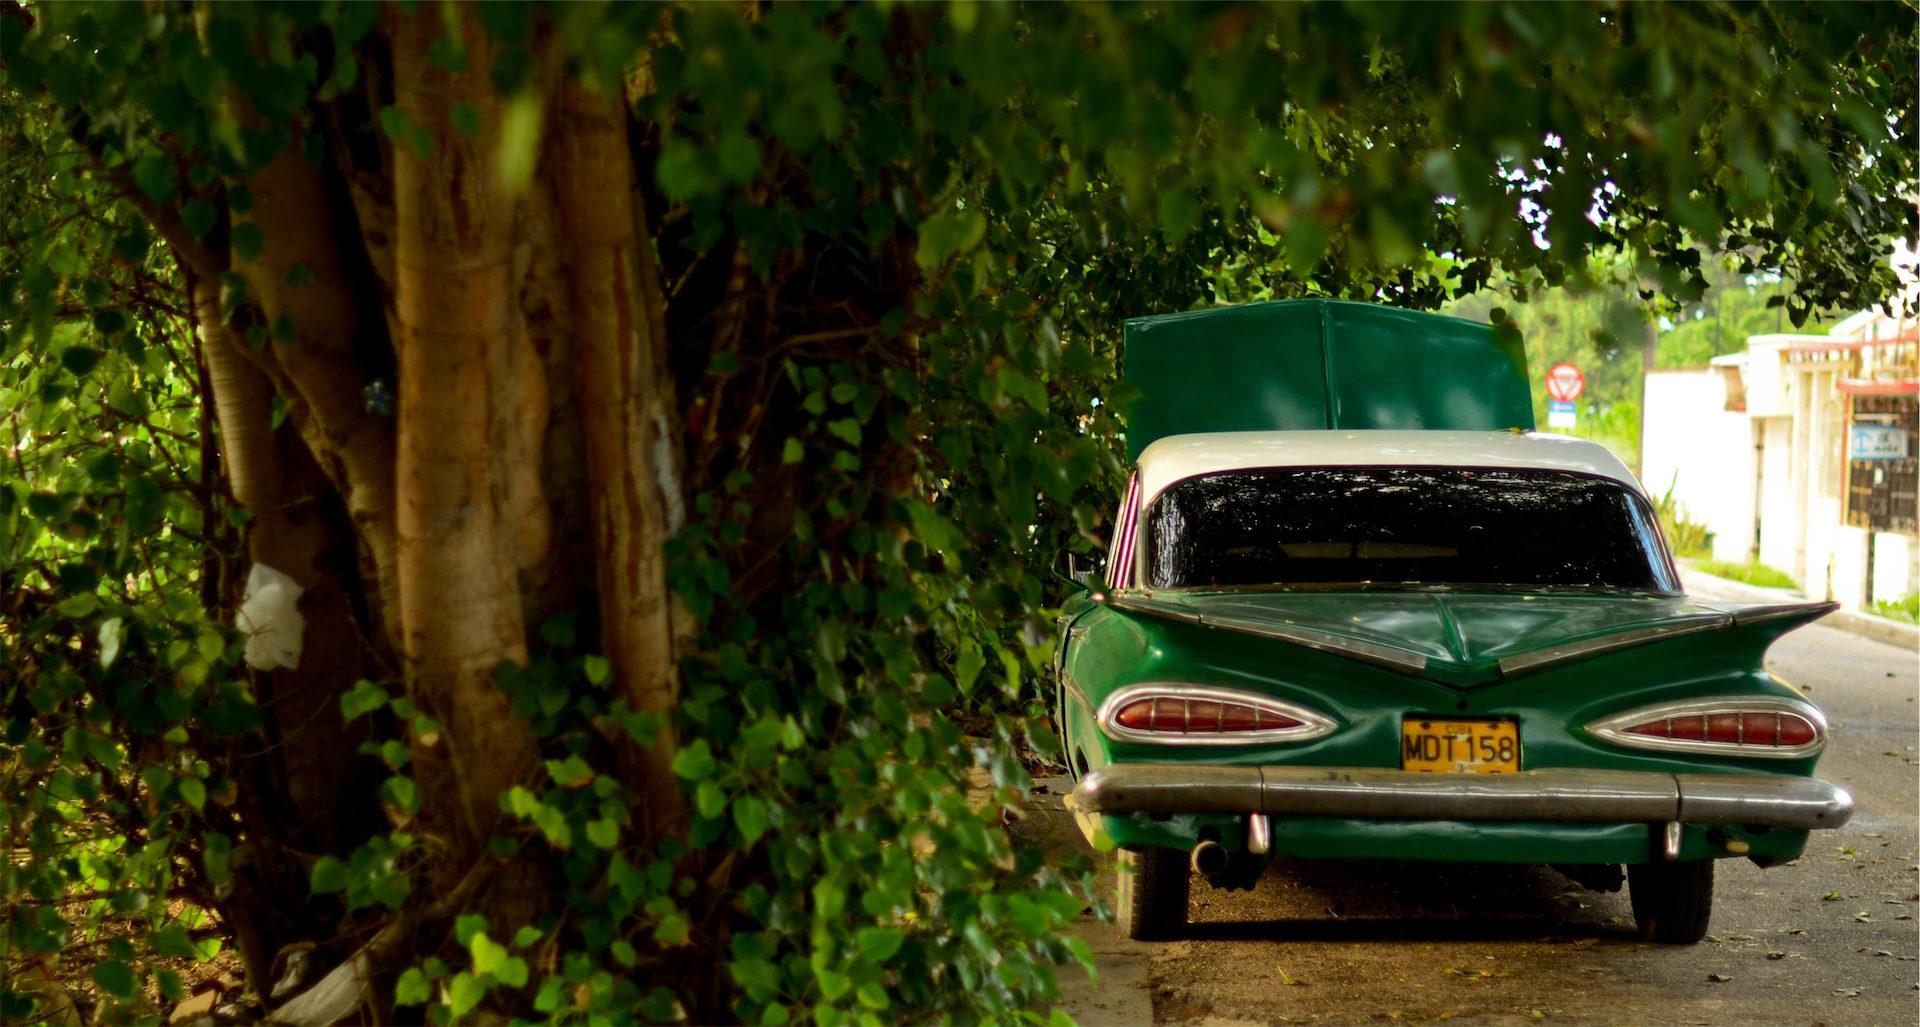 carro, velho, culpa, vintage, Verde - Papéis de parede HD - Professor-falken.com